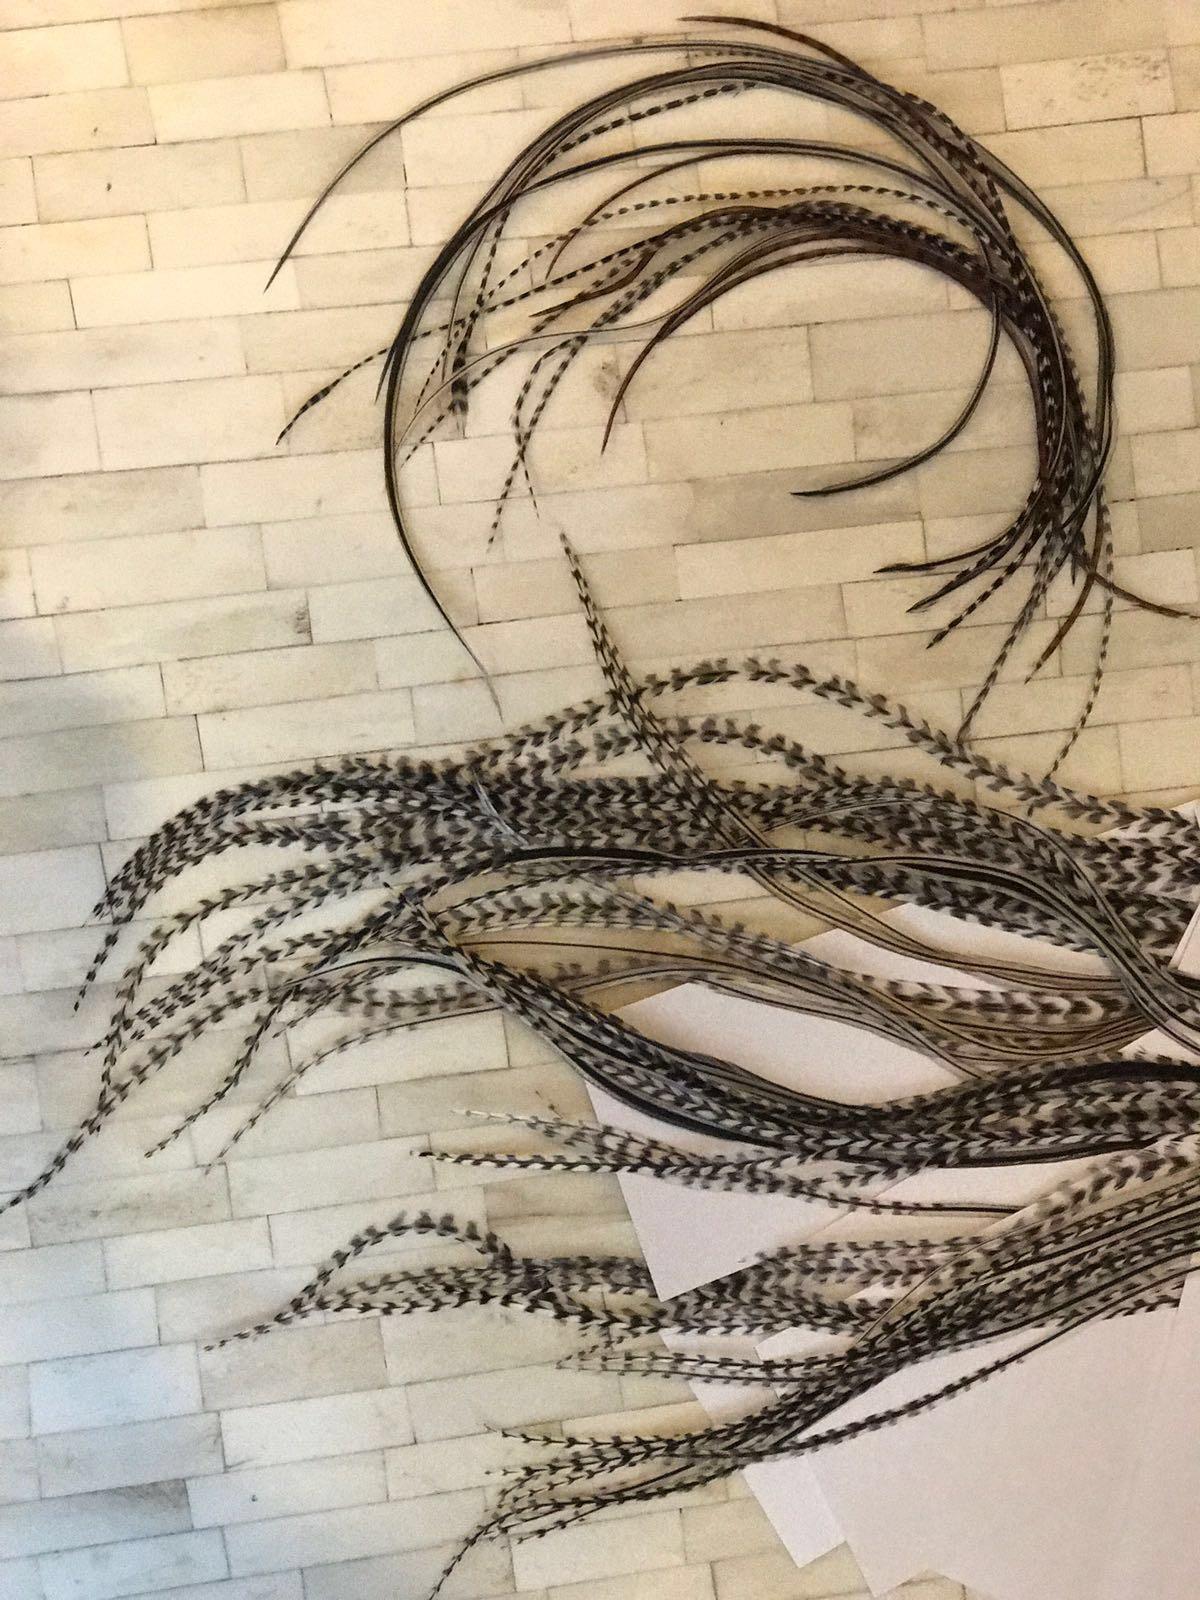 Перья для вязания мушек 89990257376 купить 4